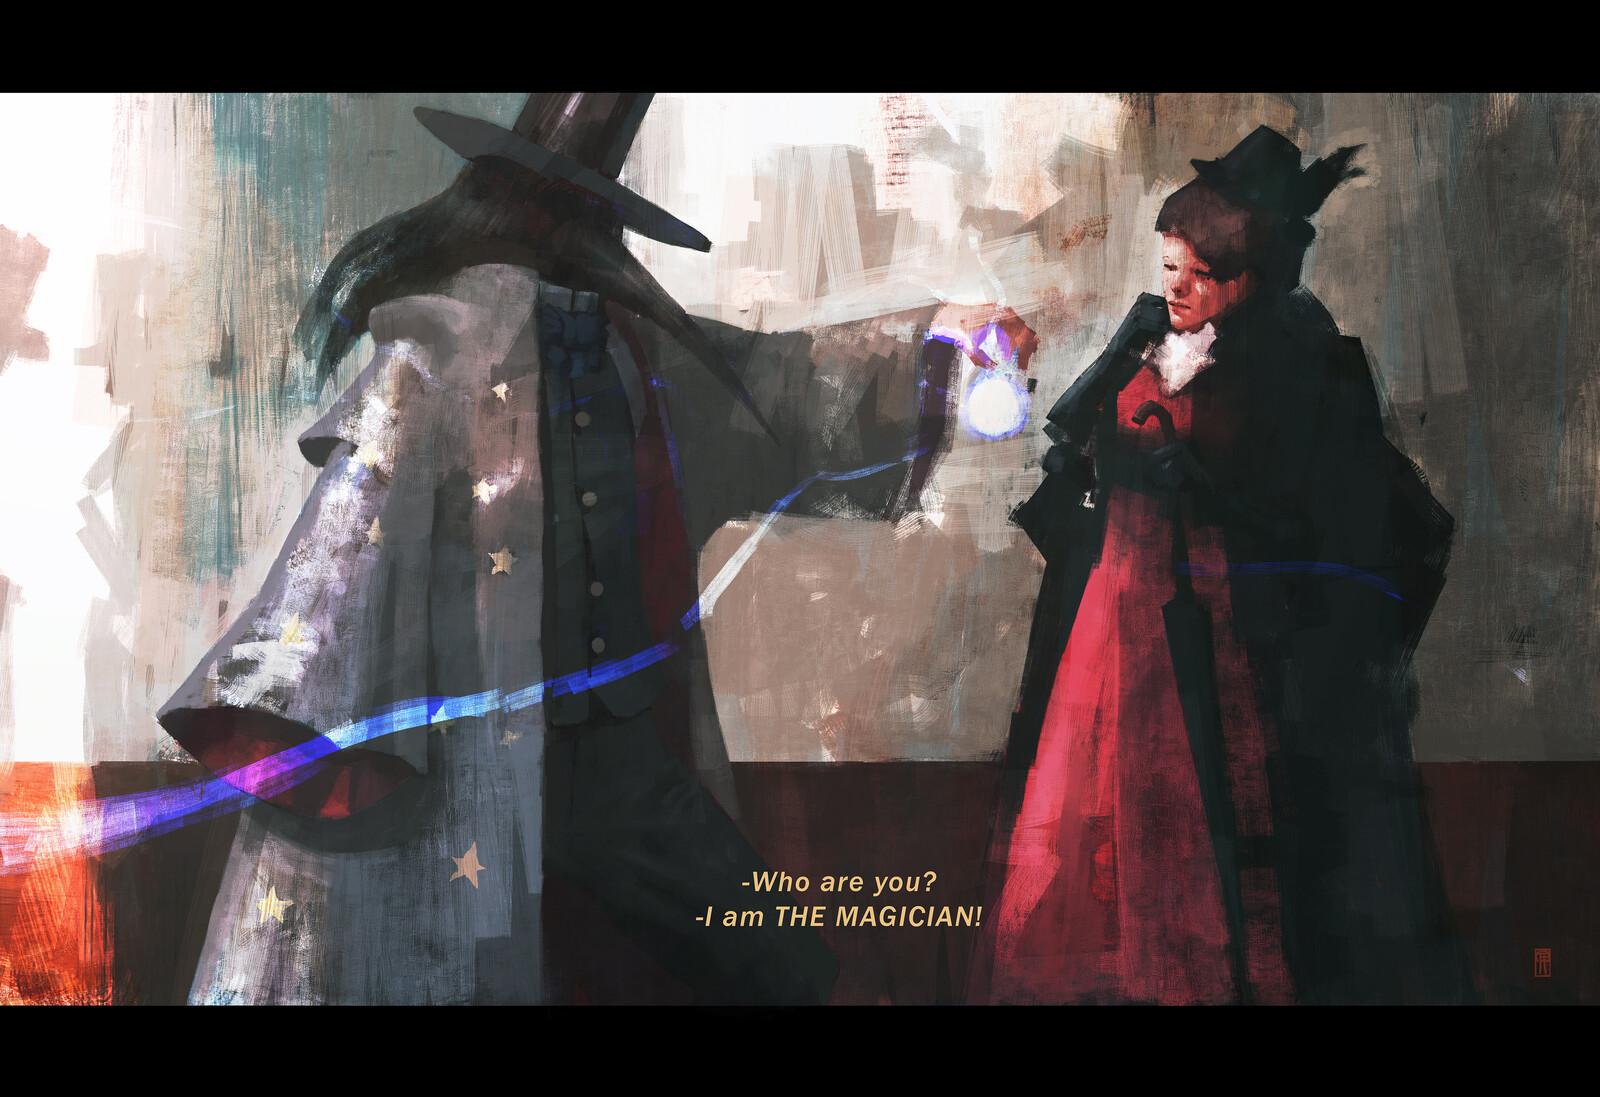 I am THE MAGICIAN!